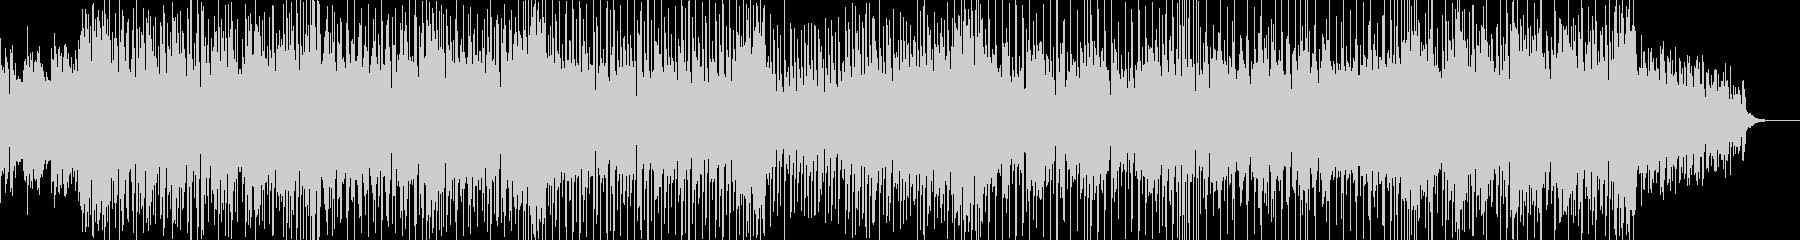 シンセアルペジオが印象的な疾走感のある曲の未再生の波形